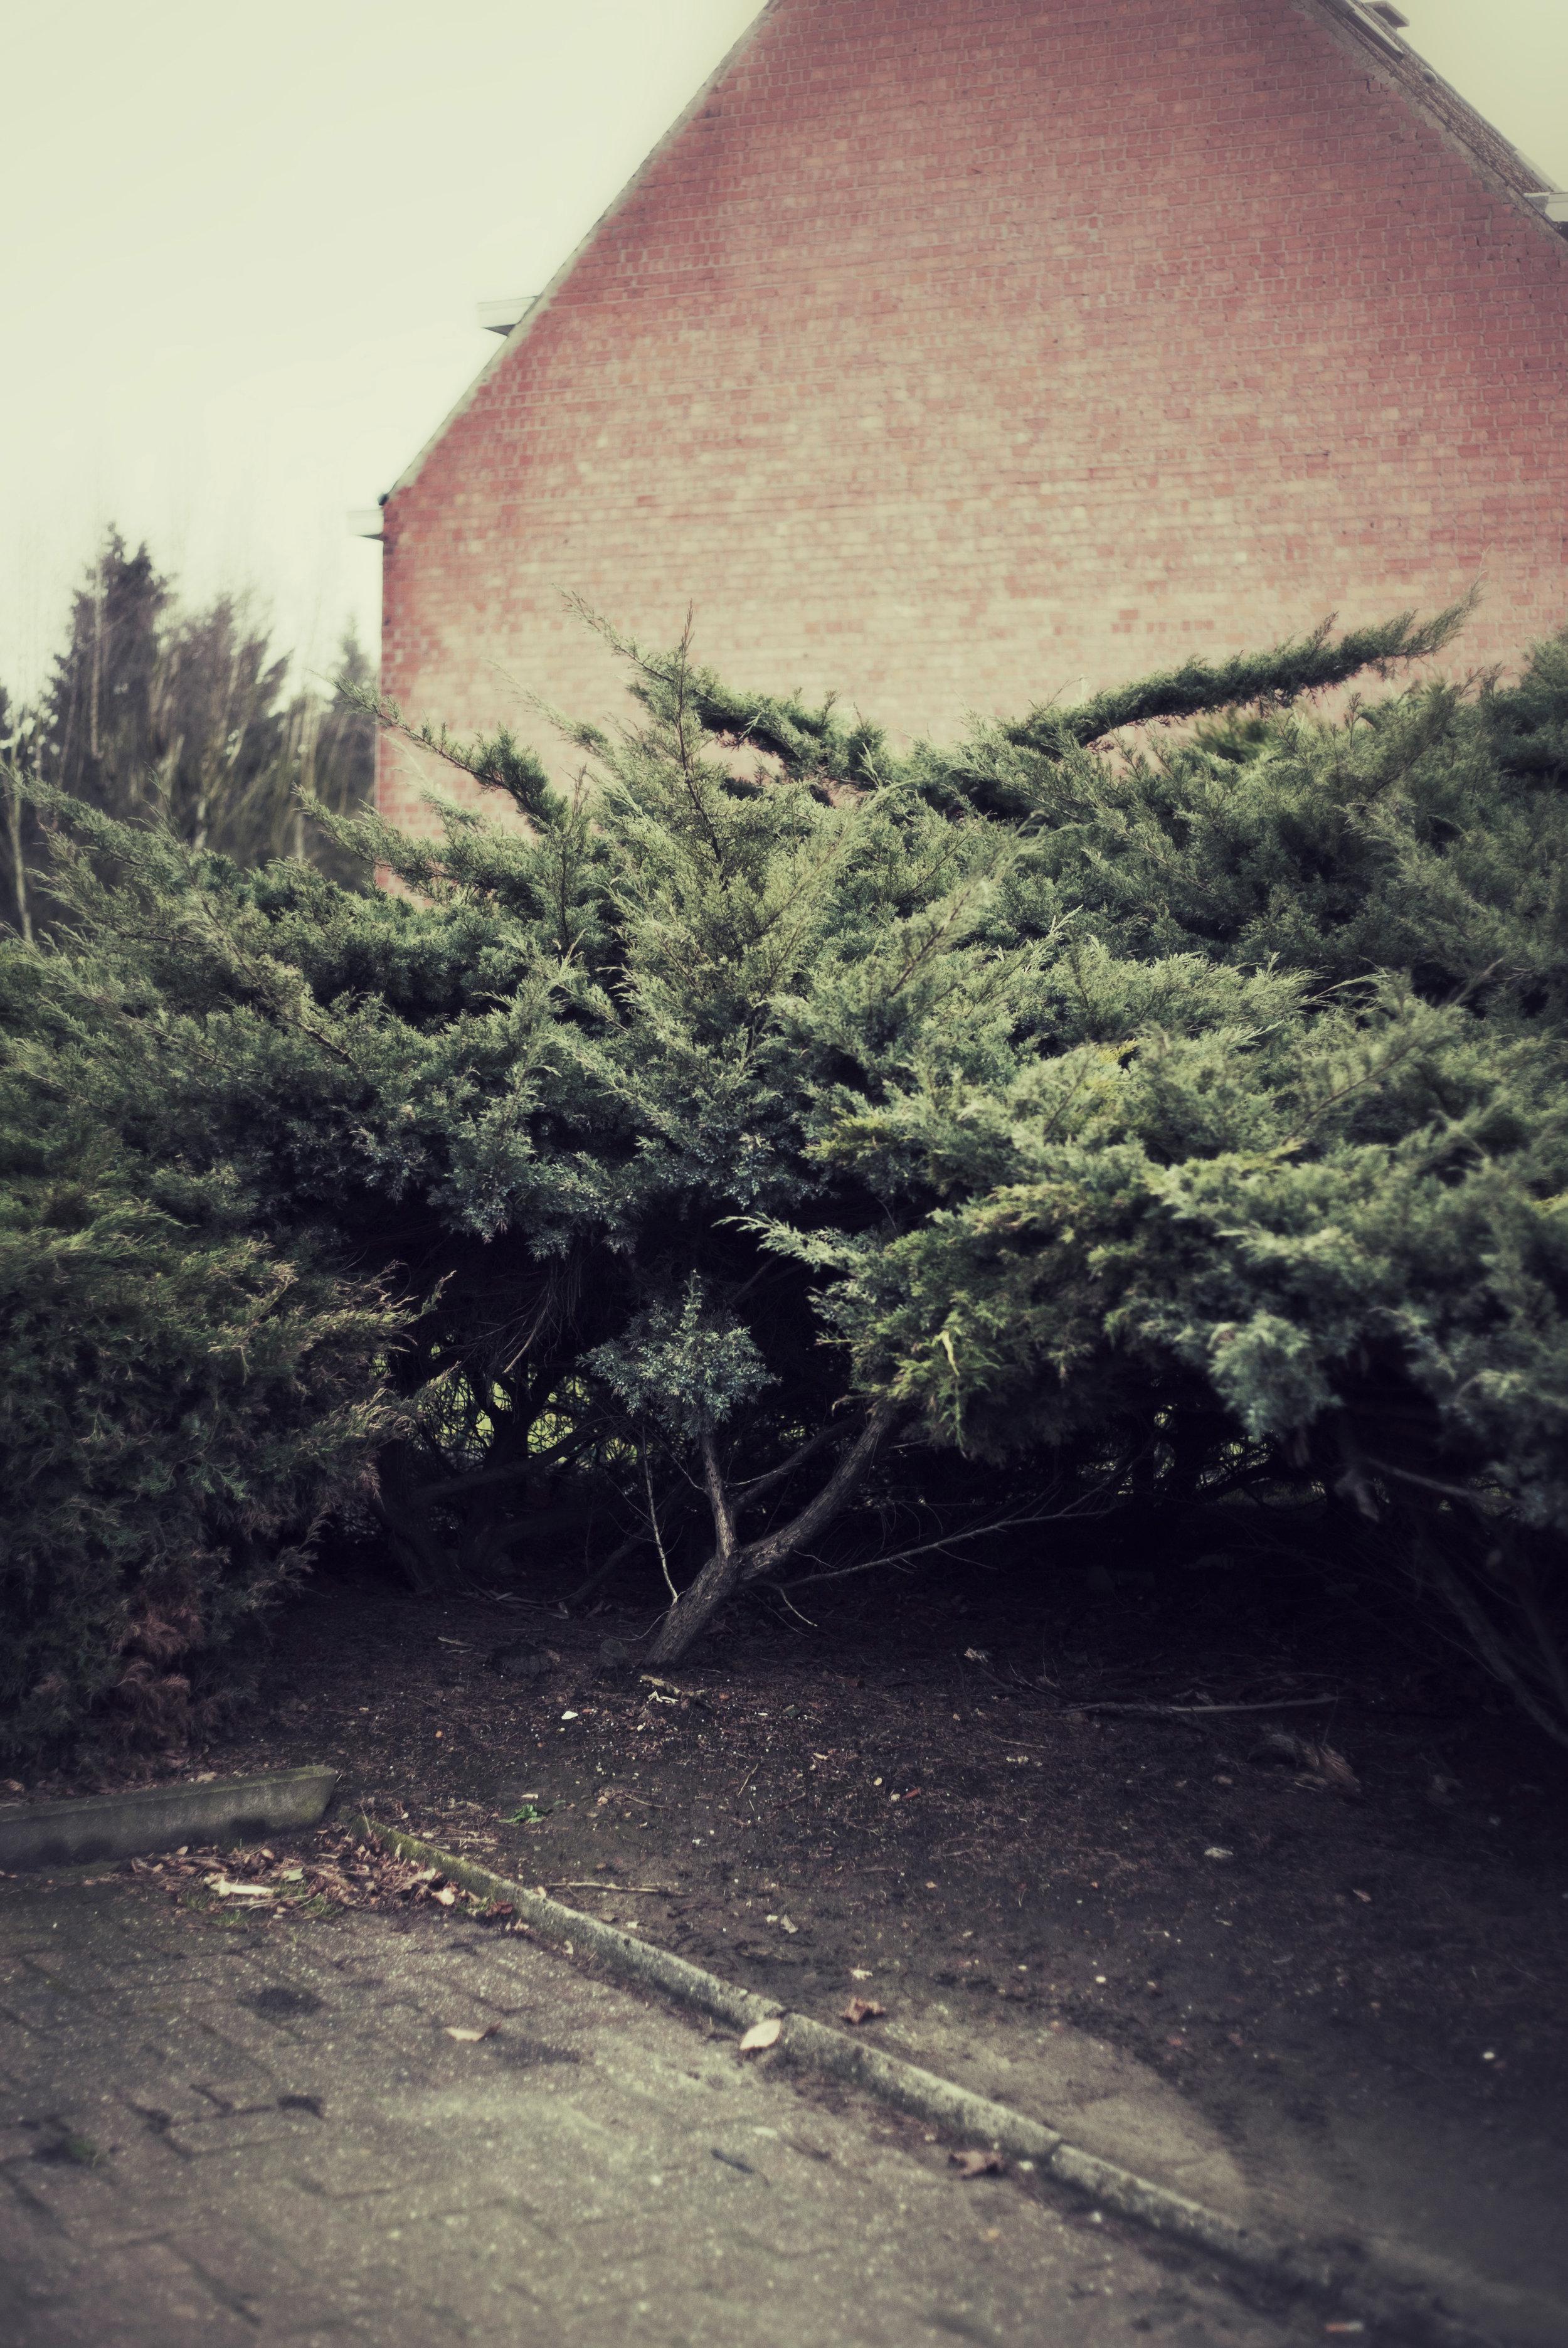 DSC05053_Snapseed.jpg